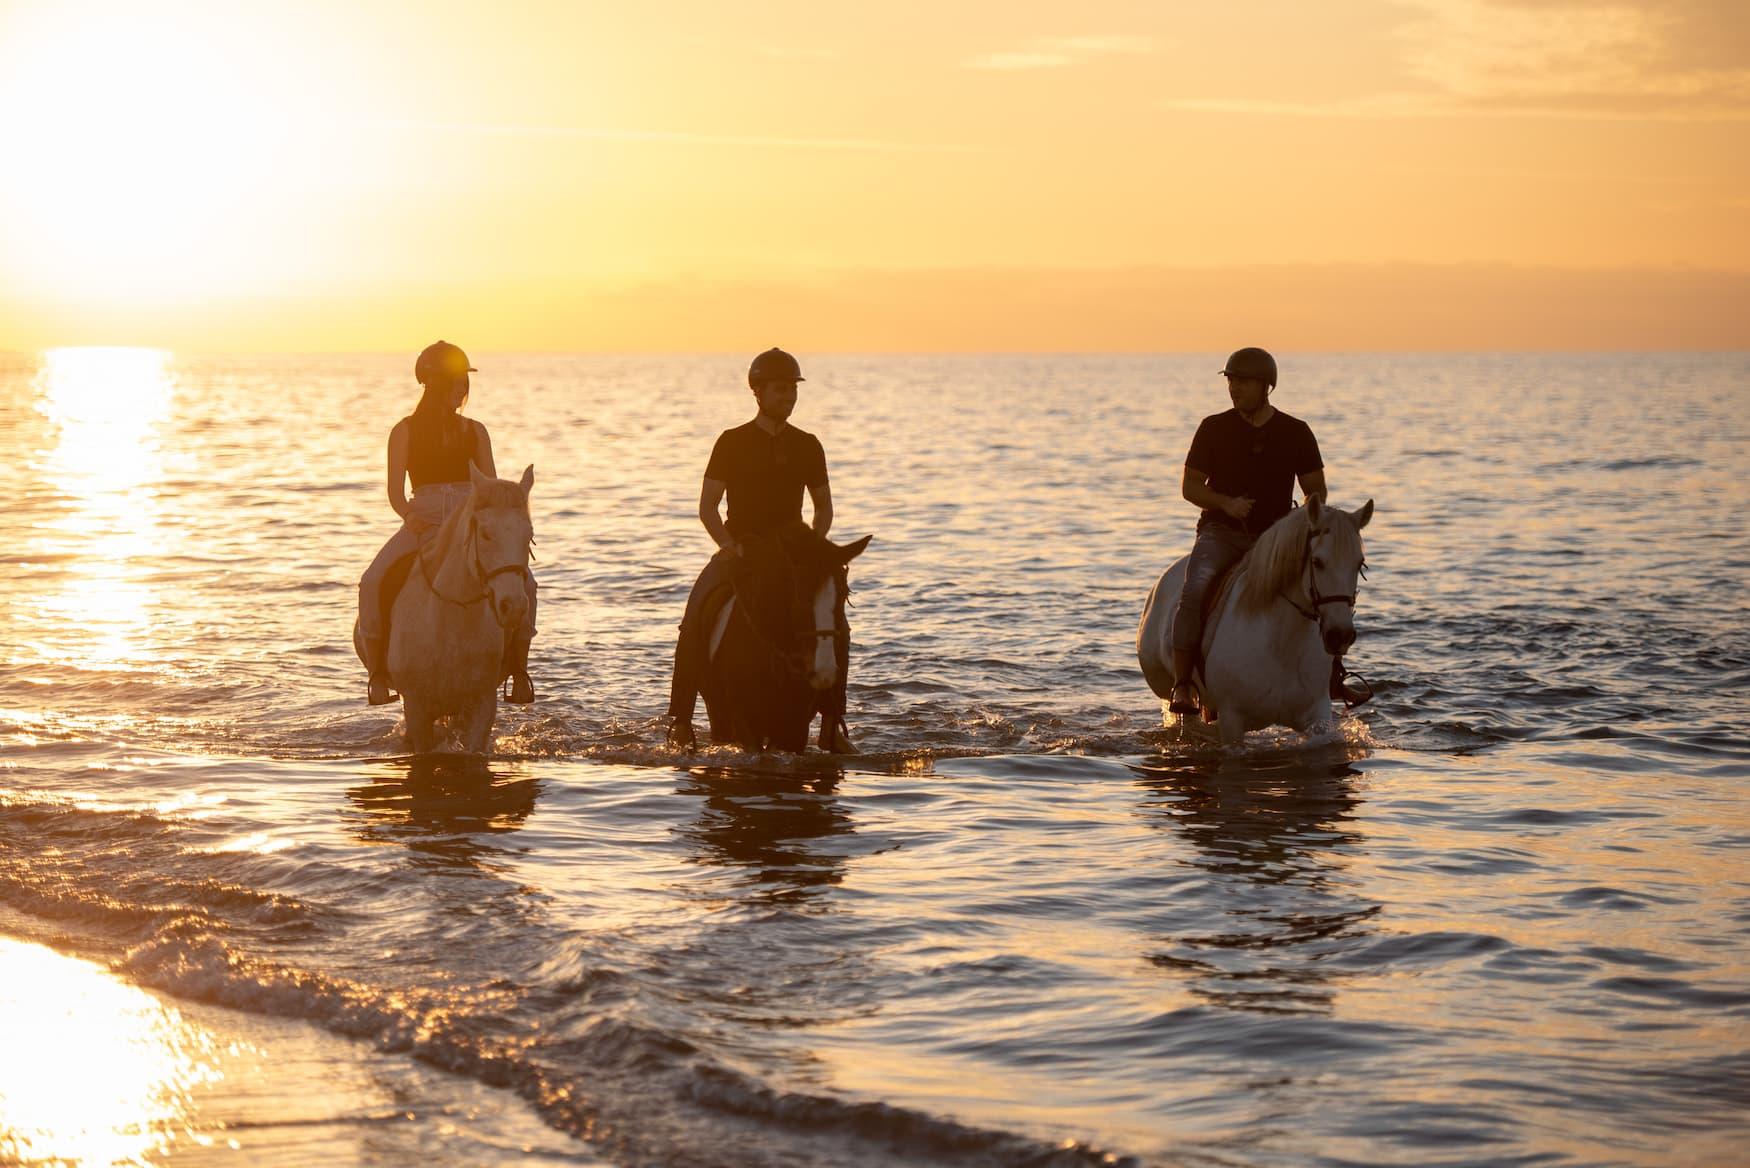 Menschen reiten während Sonnenuntergang auf der Insel Kos